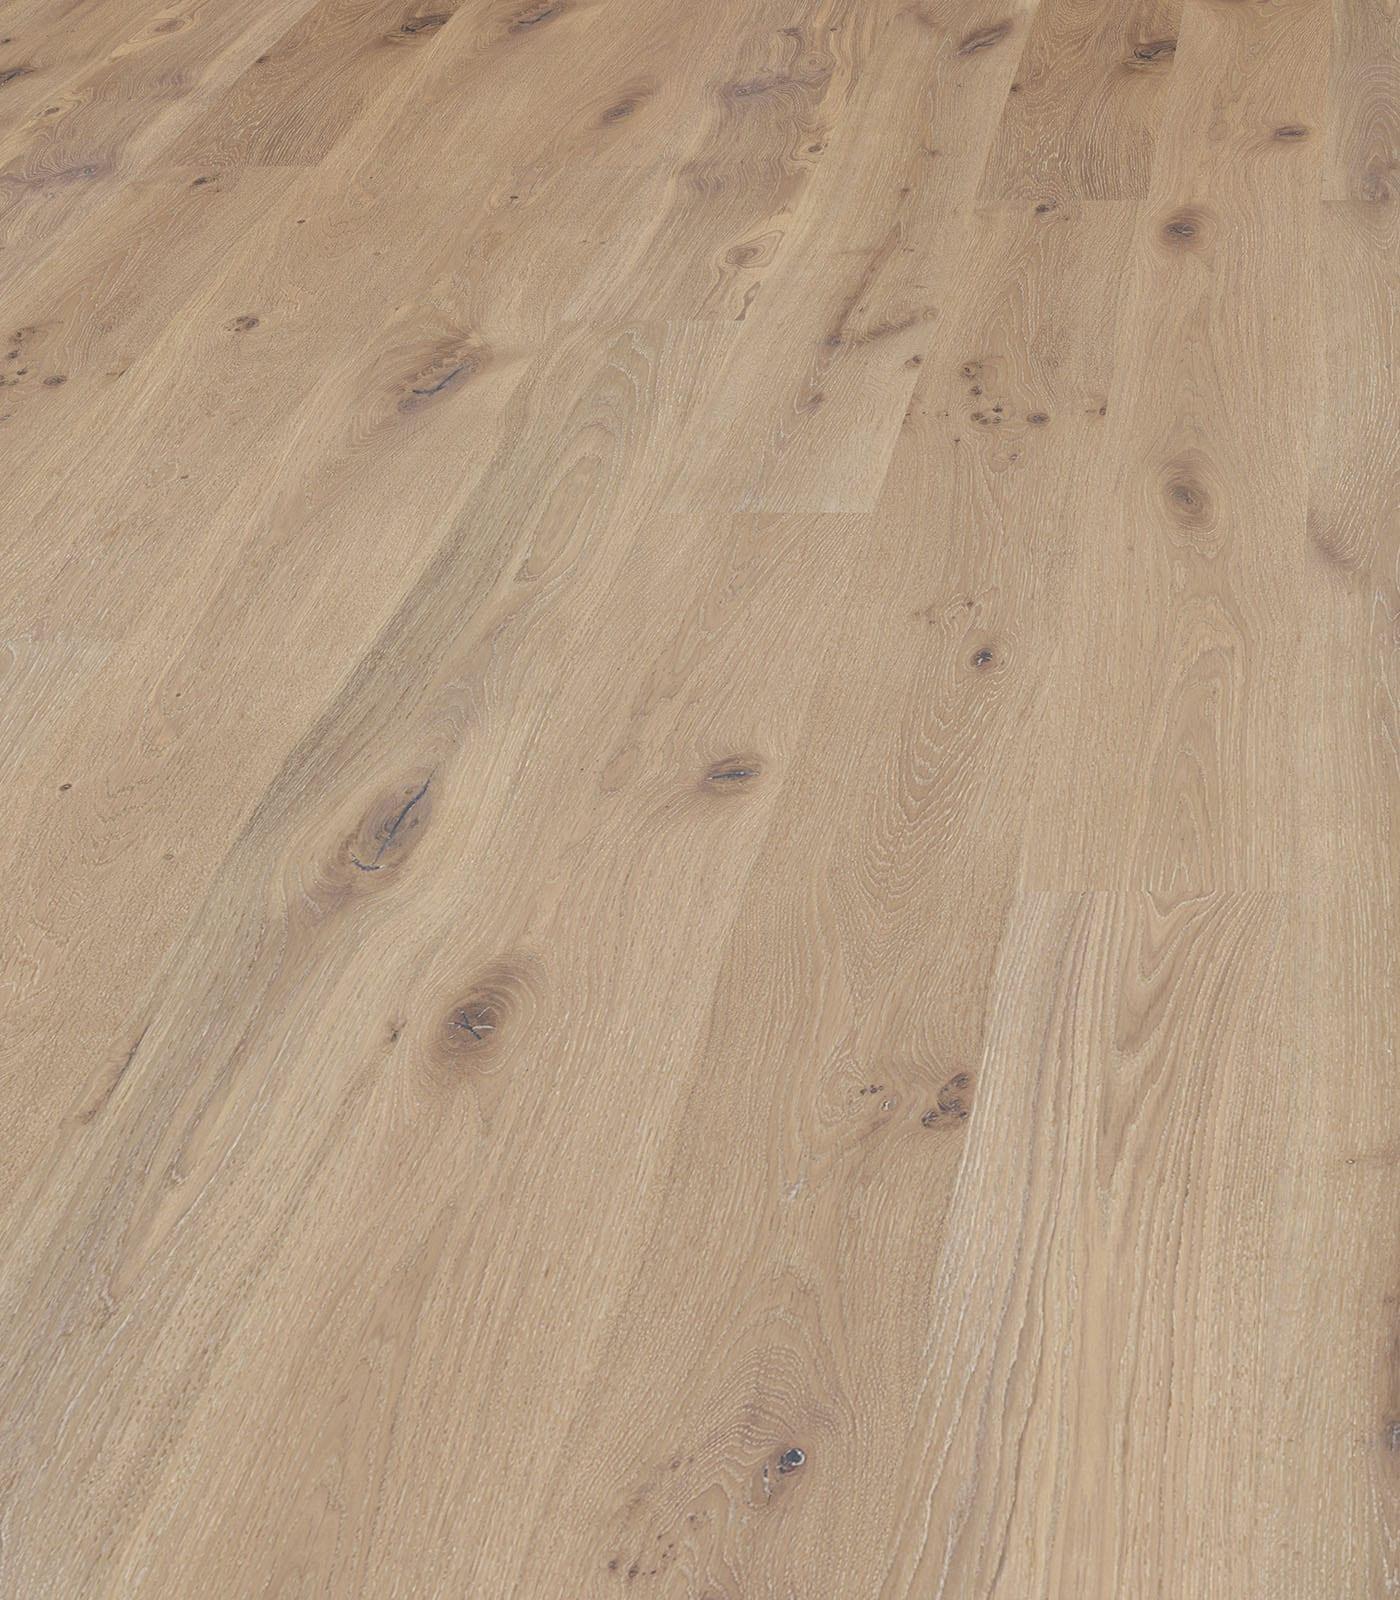 Rocky Mountains-european Oak flooring-Antique collection-angle